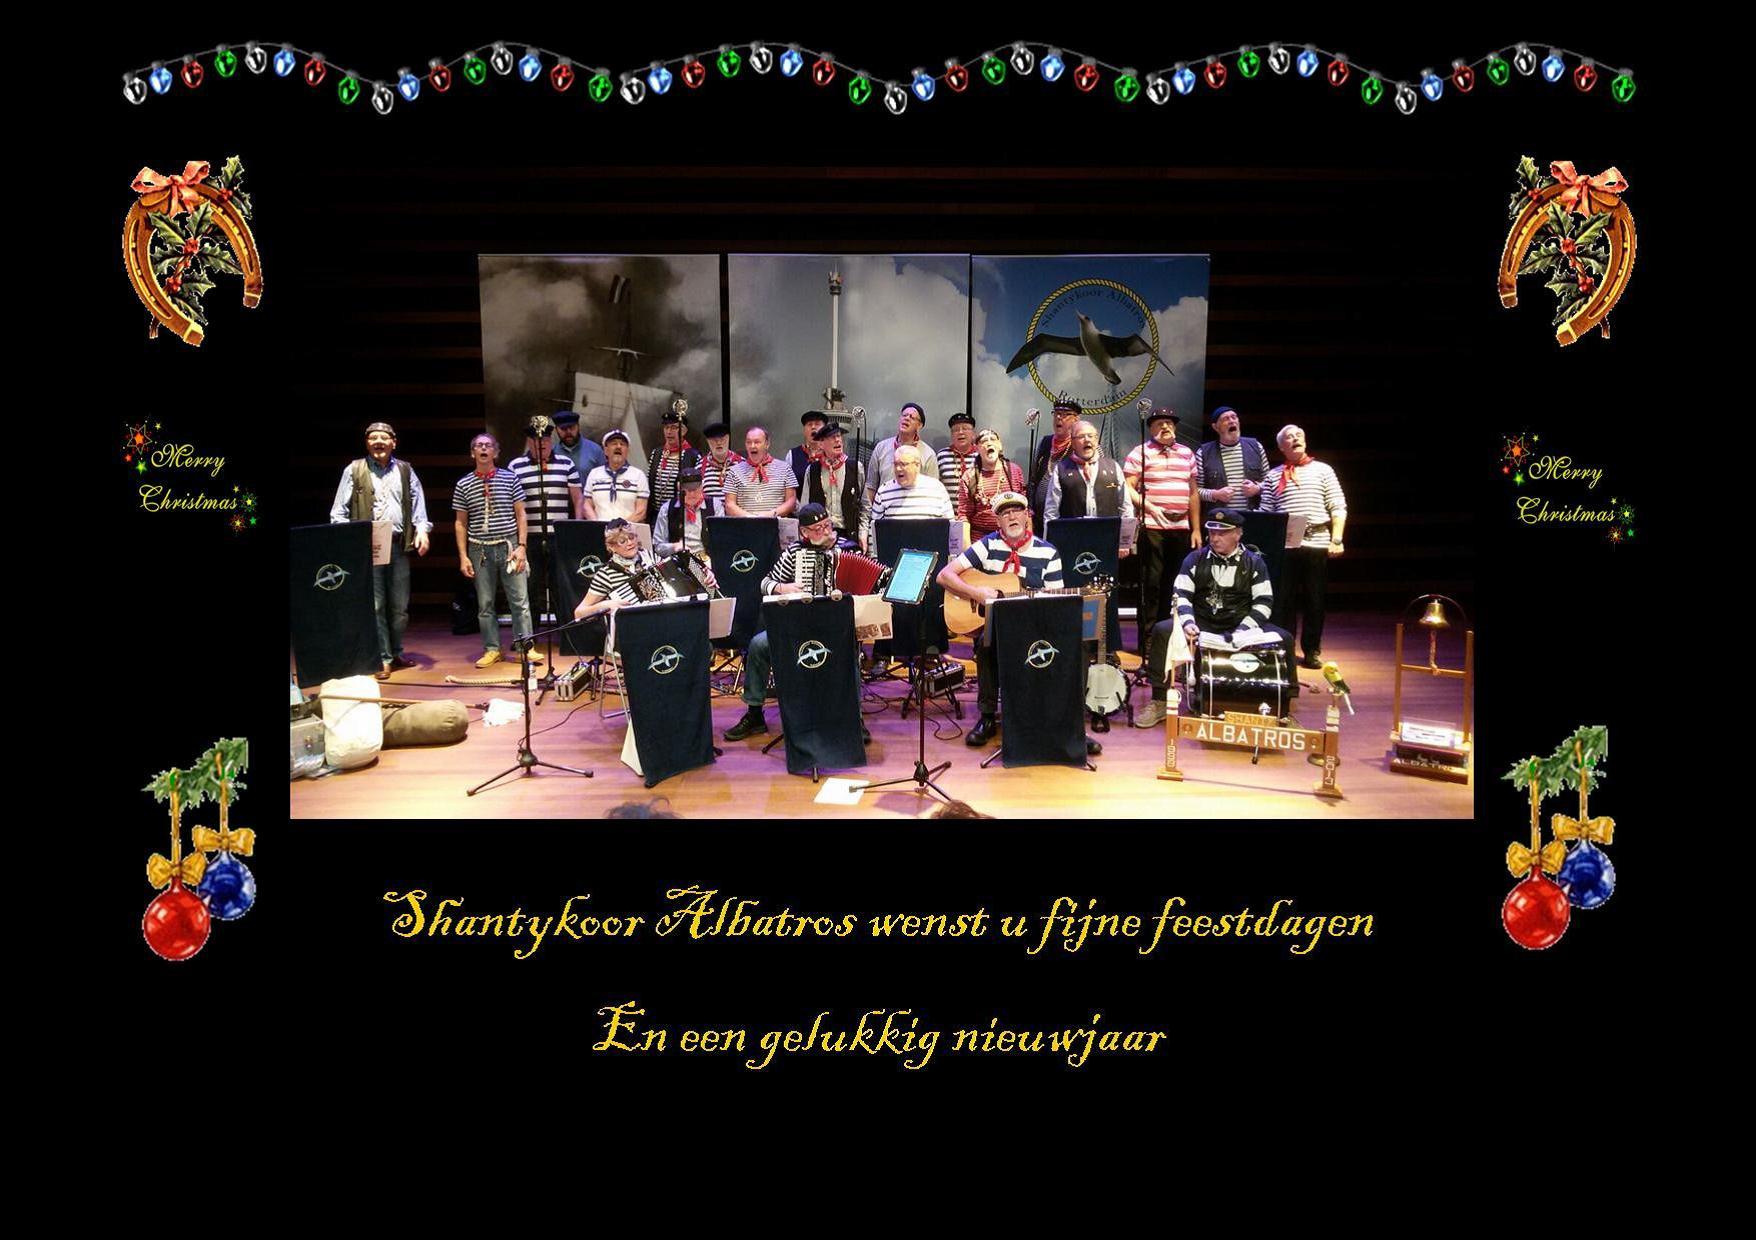 Zondagmiddaglounge: Nieuwjaarsconcert Shantykoor Albatros